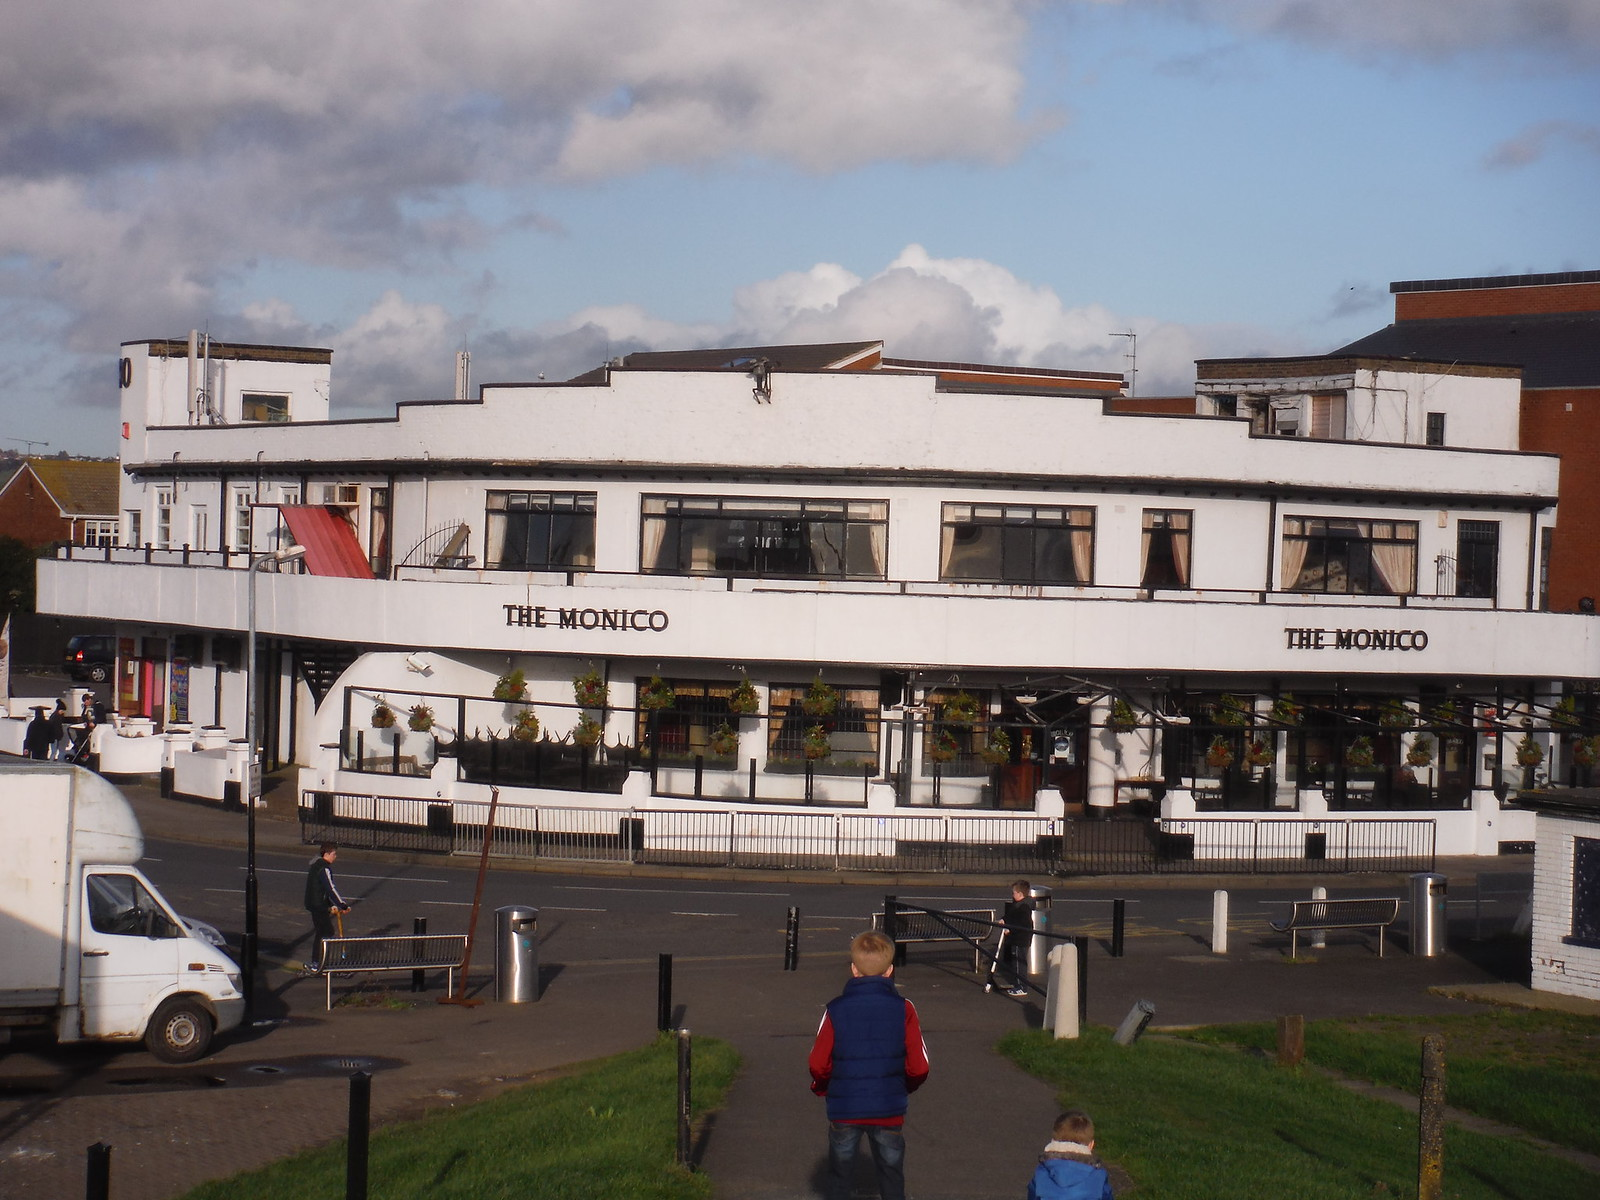 The Monico (Pub, Club, Casino...), Eastern Esplanade, Canvey Island SWC Walk 258 Benfleet Circular (via Canvey Island)